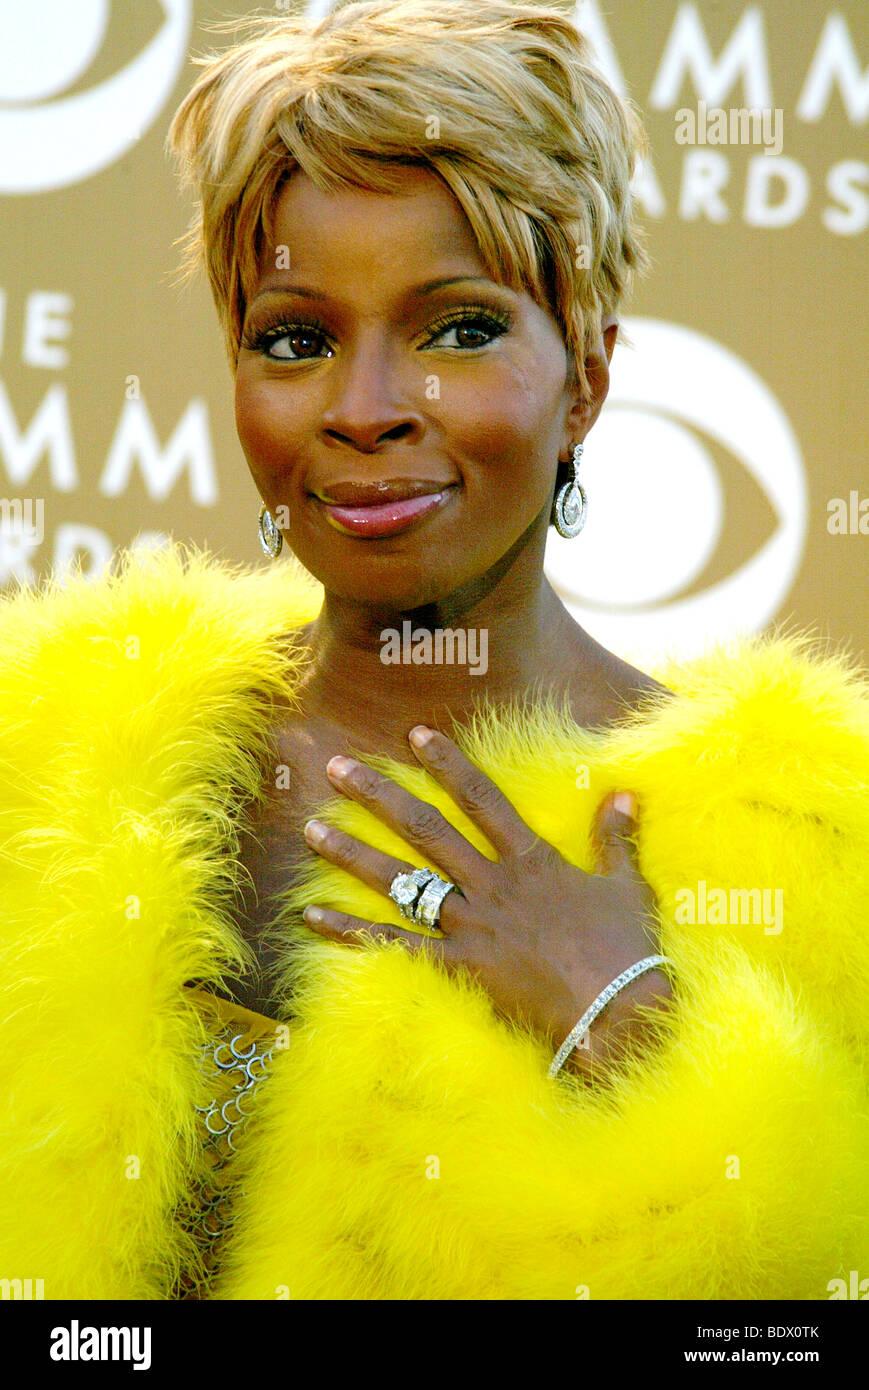 MARY J  BLIGE - #21;S singer - Stock Image